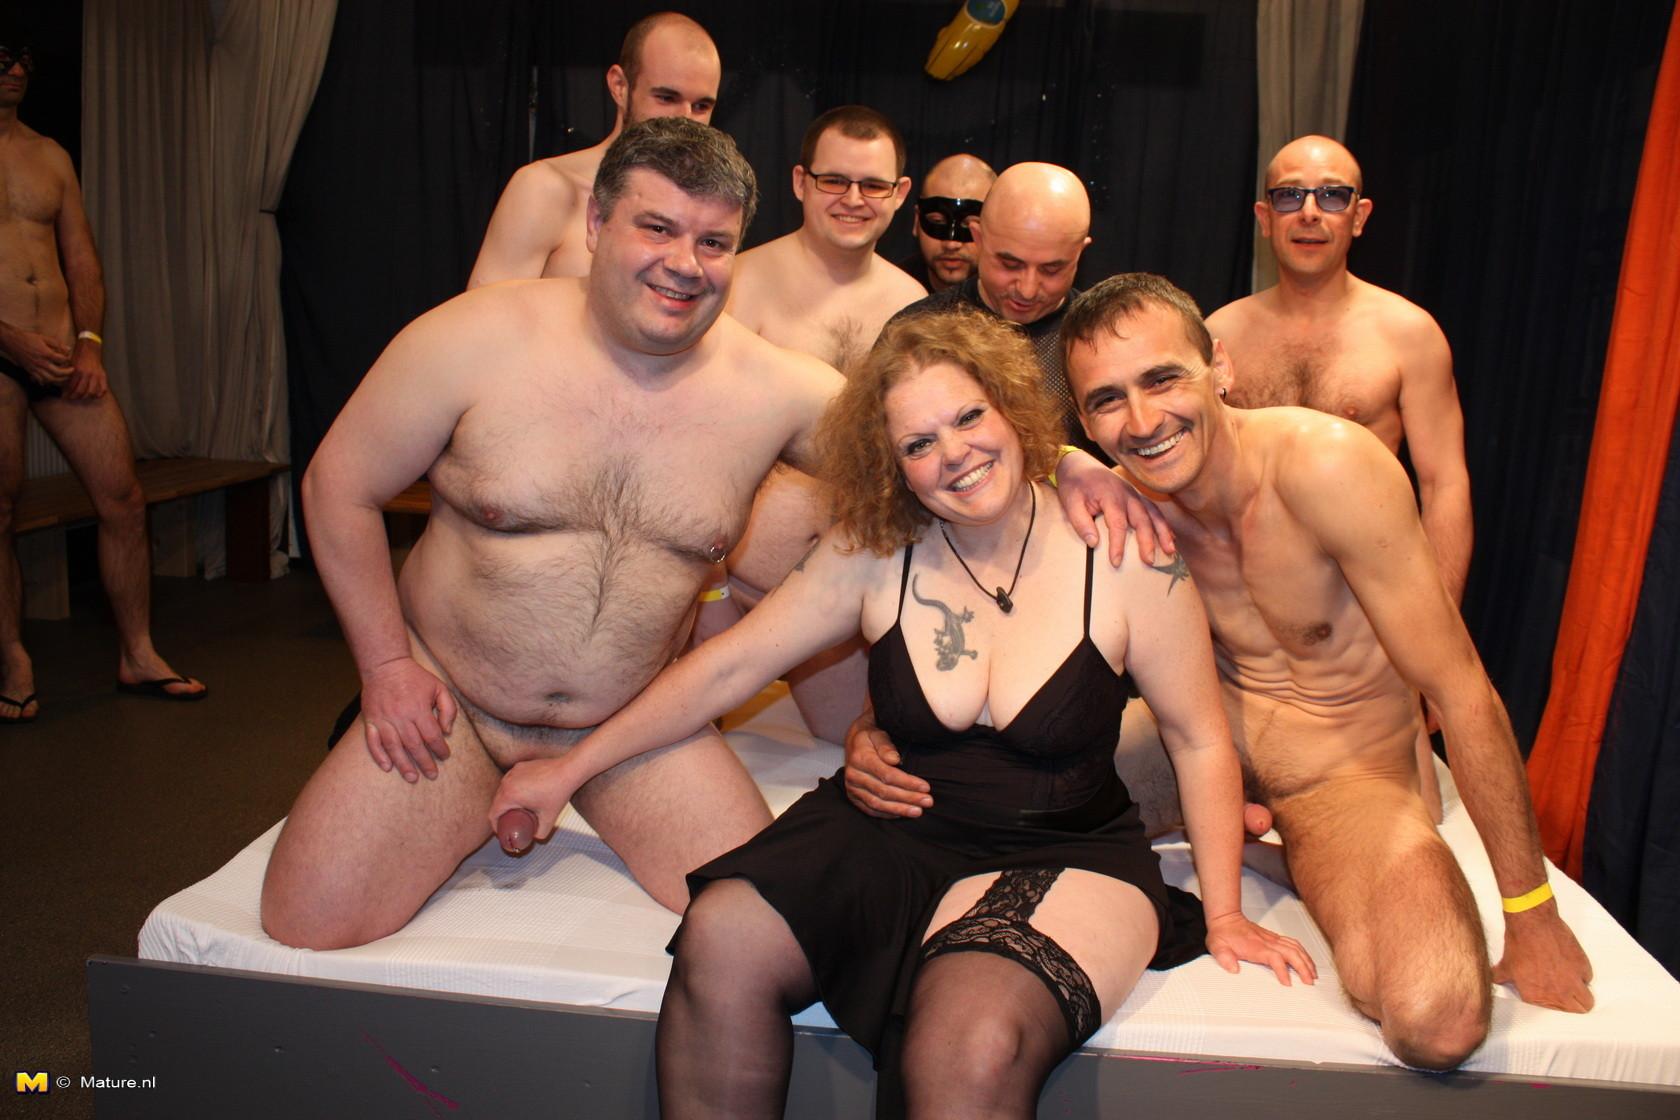 Беркову ебут трое мужиков - Порно Видео Онлайн